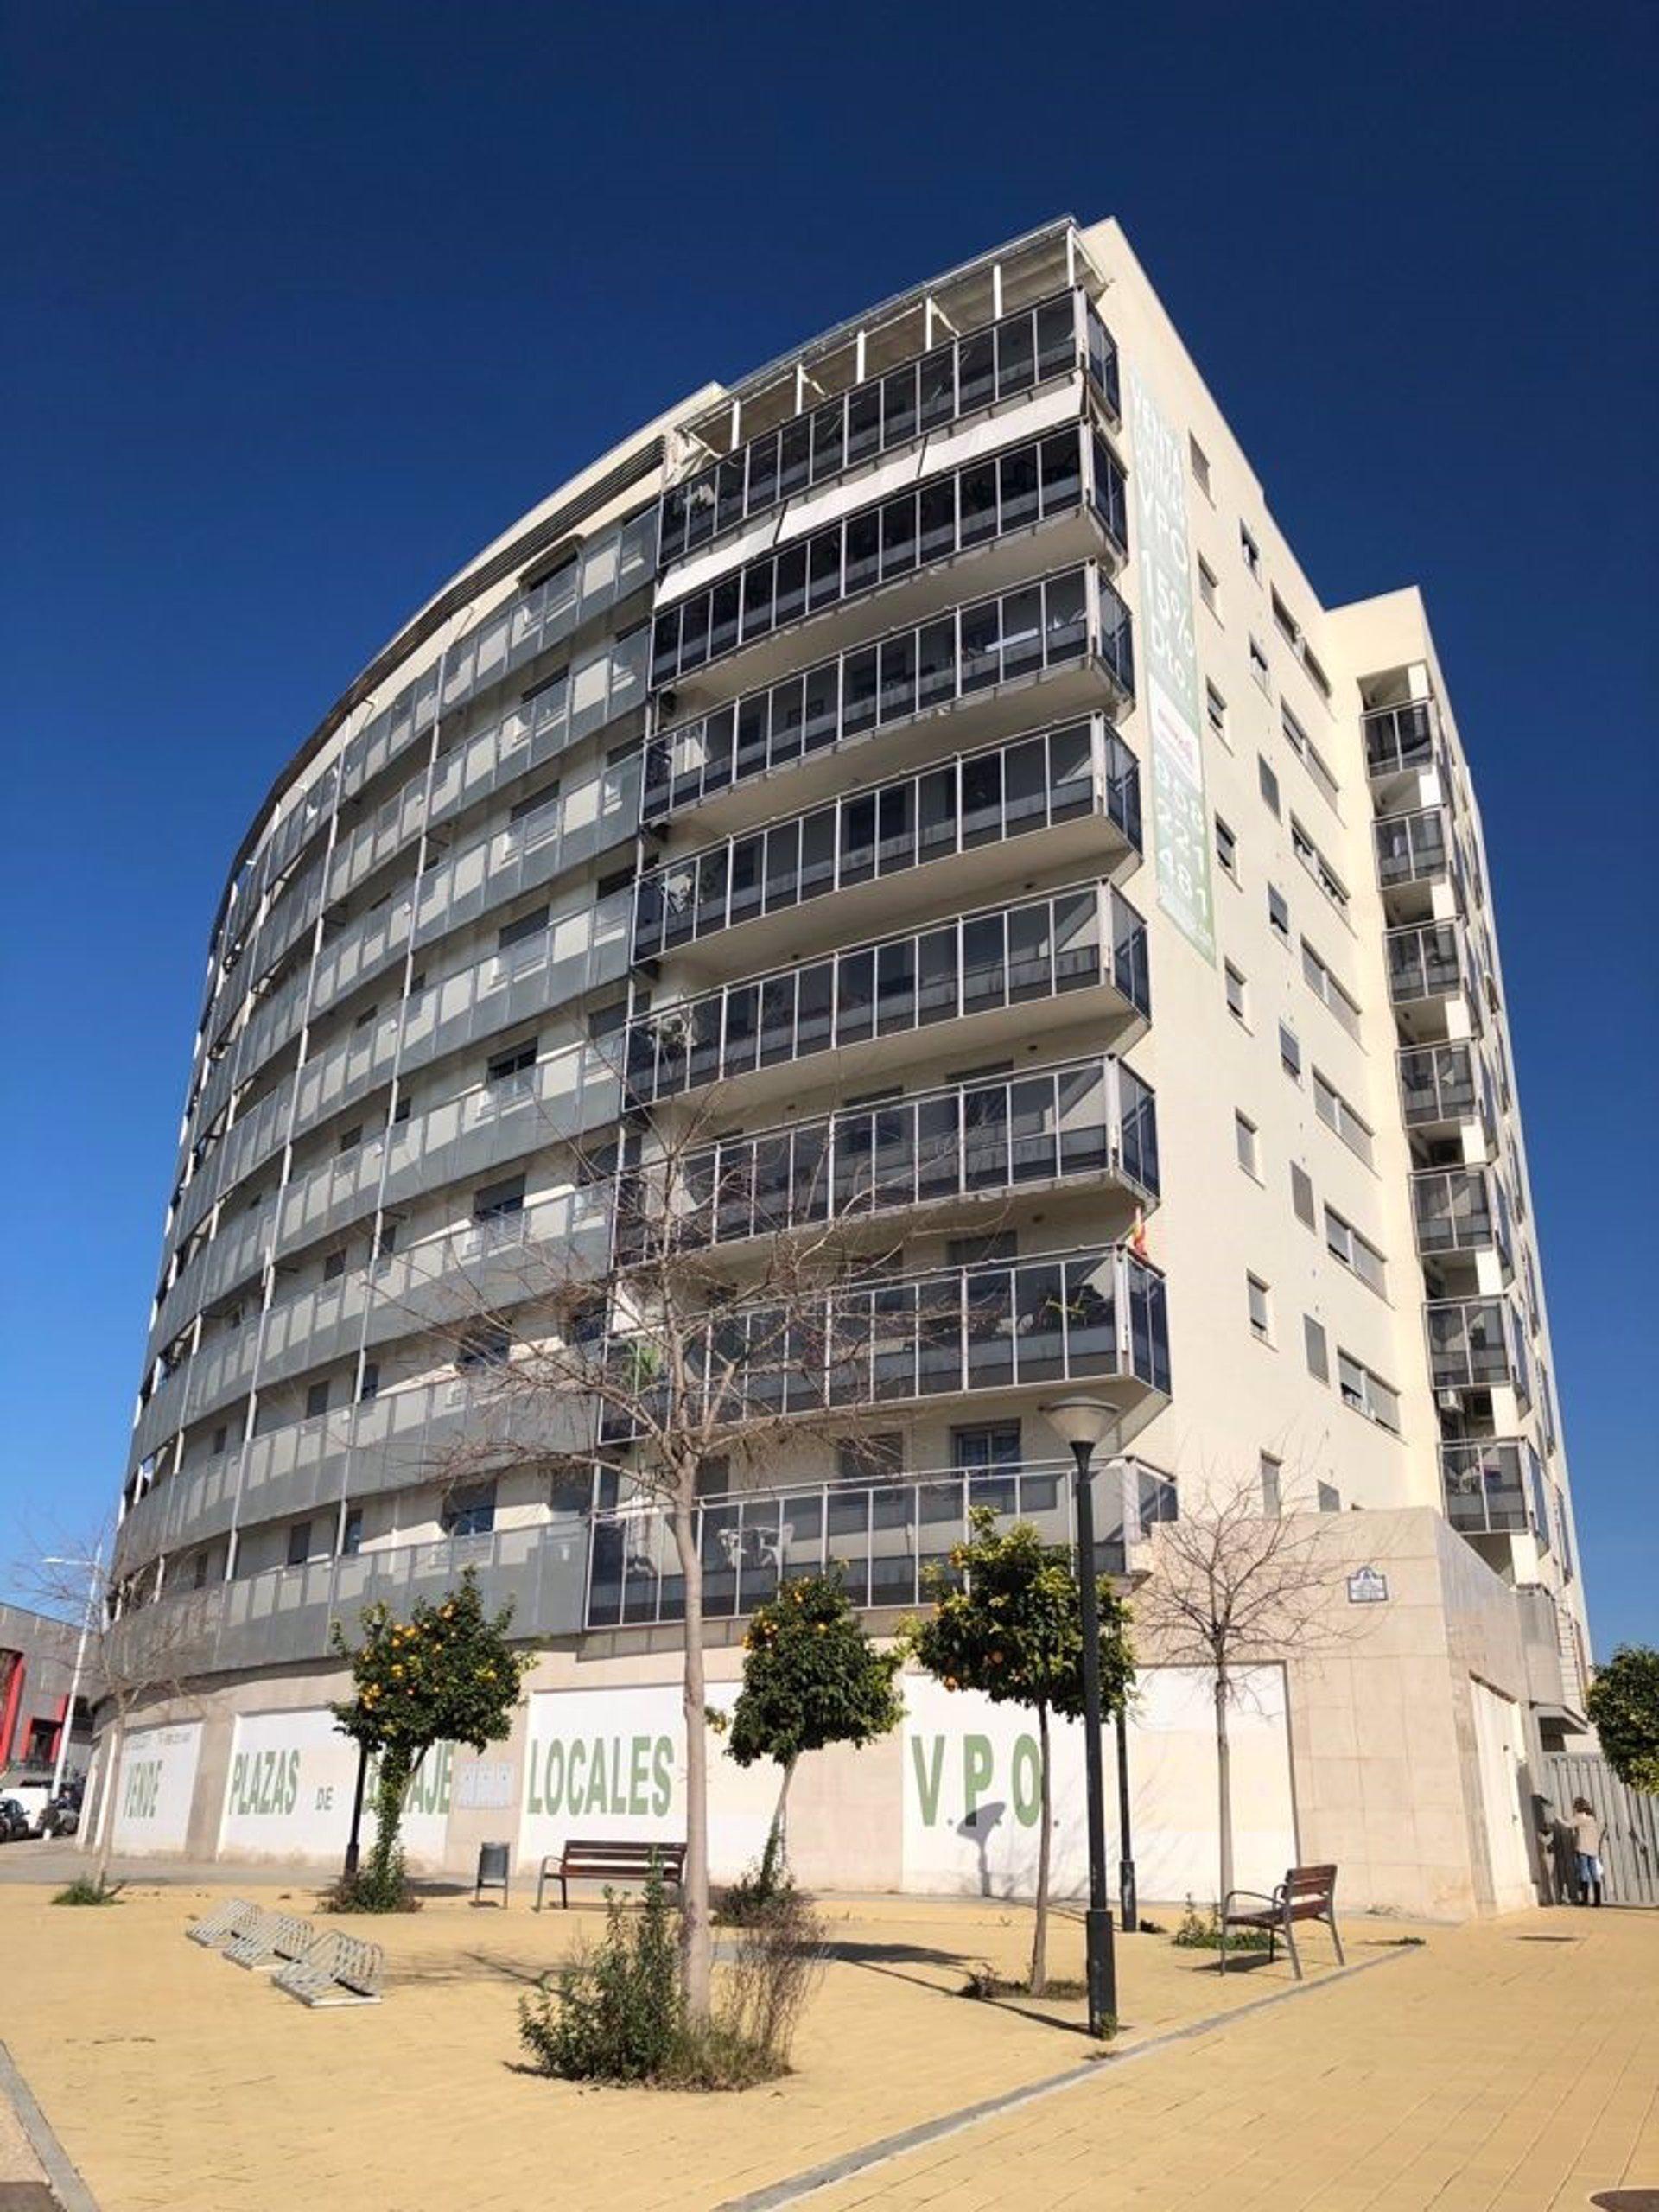 La oficina inmobiliaria del Ayuntamiento actualiza los valores activos para ofertarlos